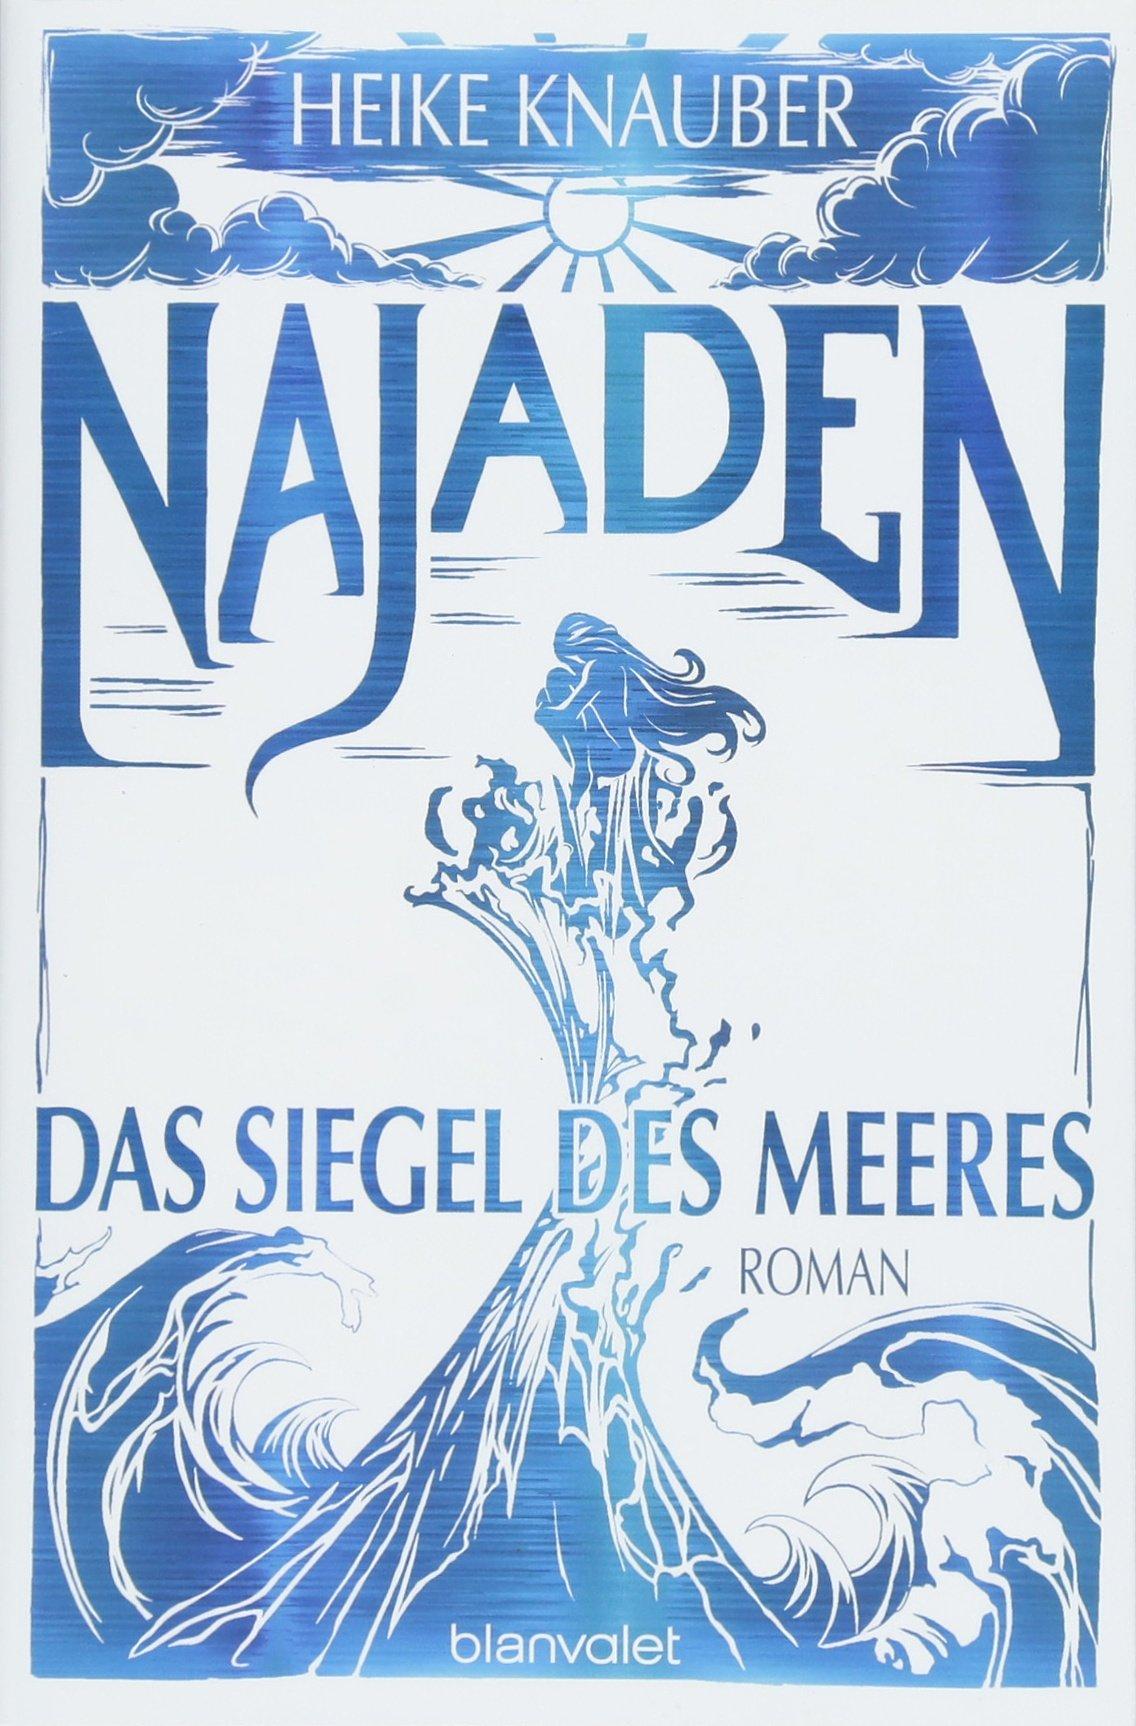 Najaden - Das Siegel des Meeres: Roman Broschiert – 21. Mai 2018 Heike Knauber Blanvalet Taschenbuch Verlag 3734161436 Ozeane und Meere